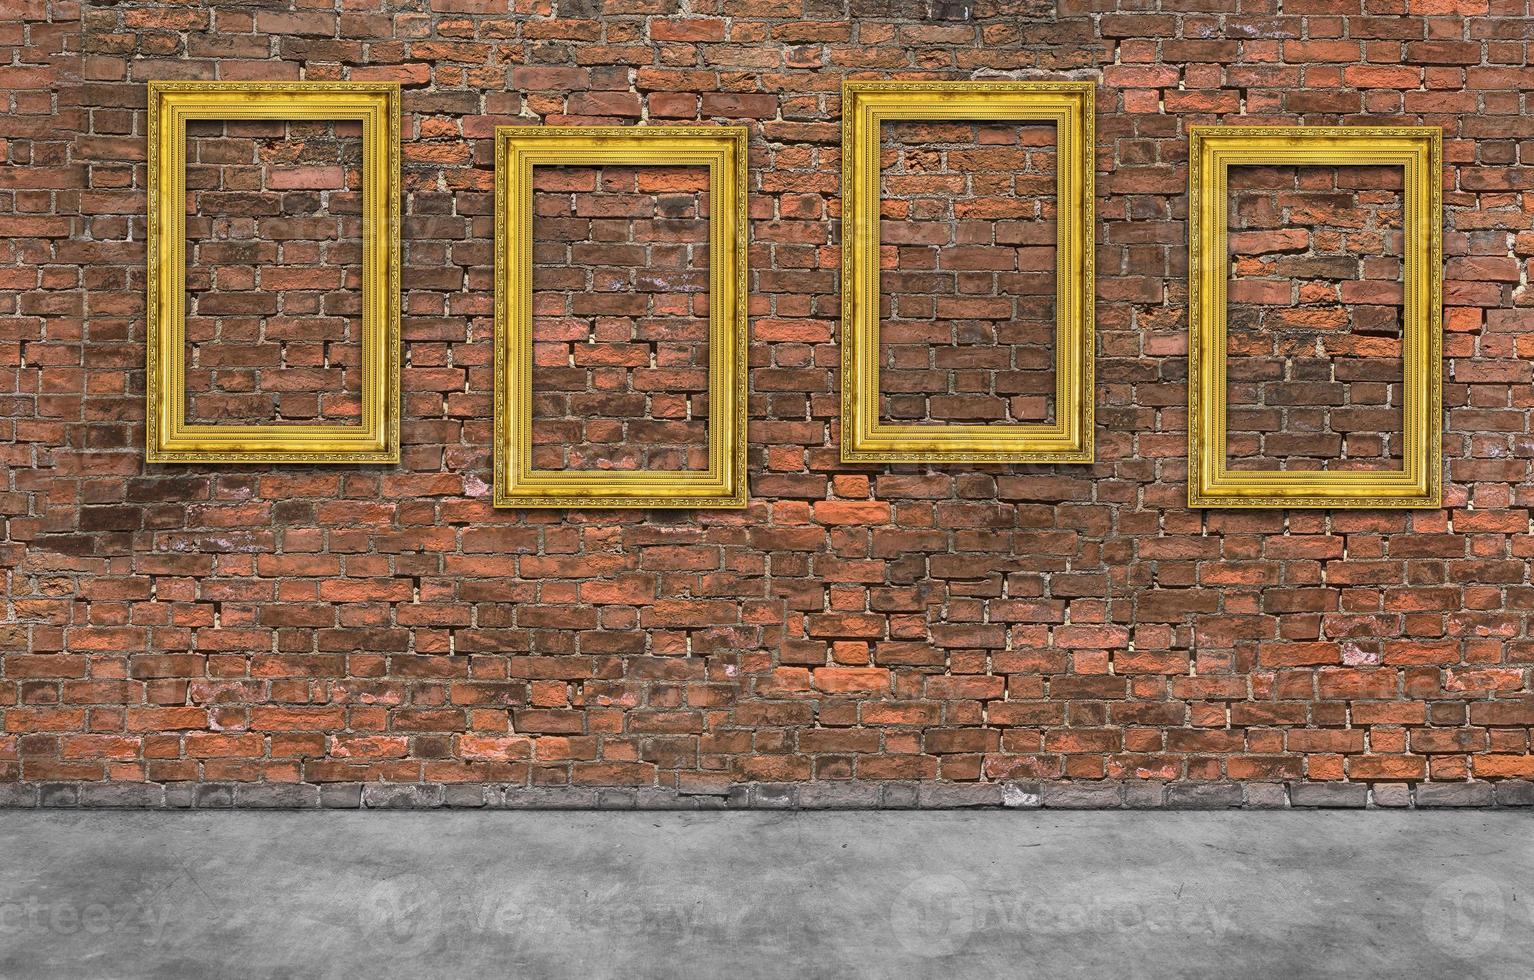 cadres dorés sur mur de briques photo